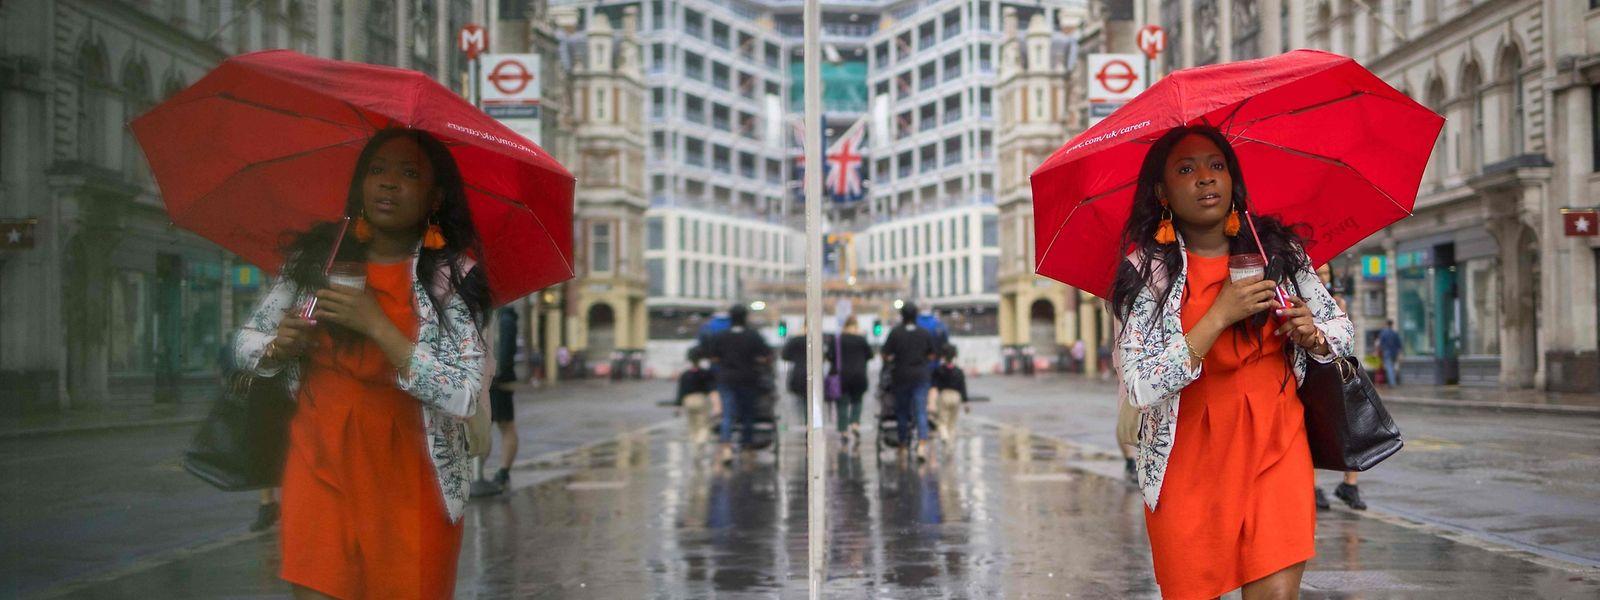 Bald könnten sich auf den Straßen von London wieder mehr Touristen tummeln.